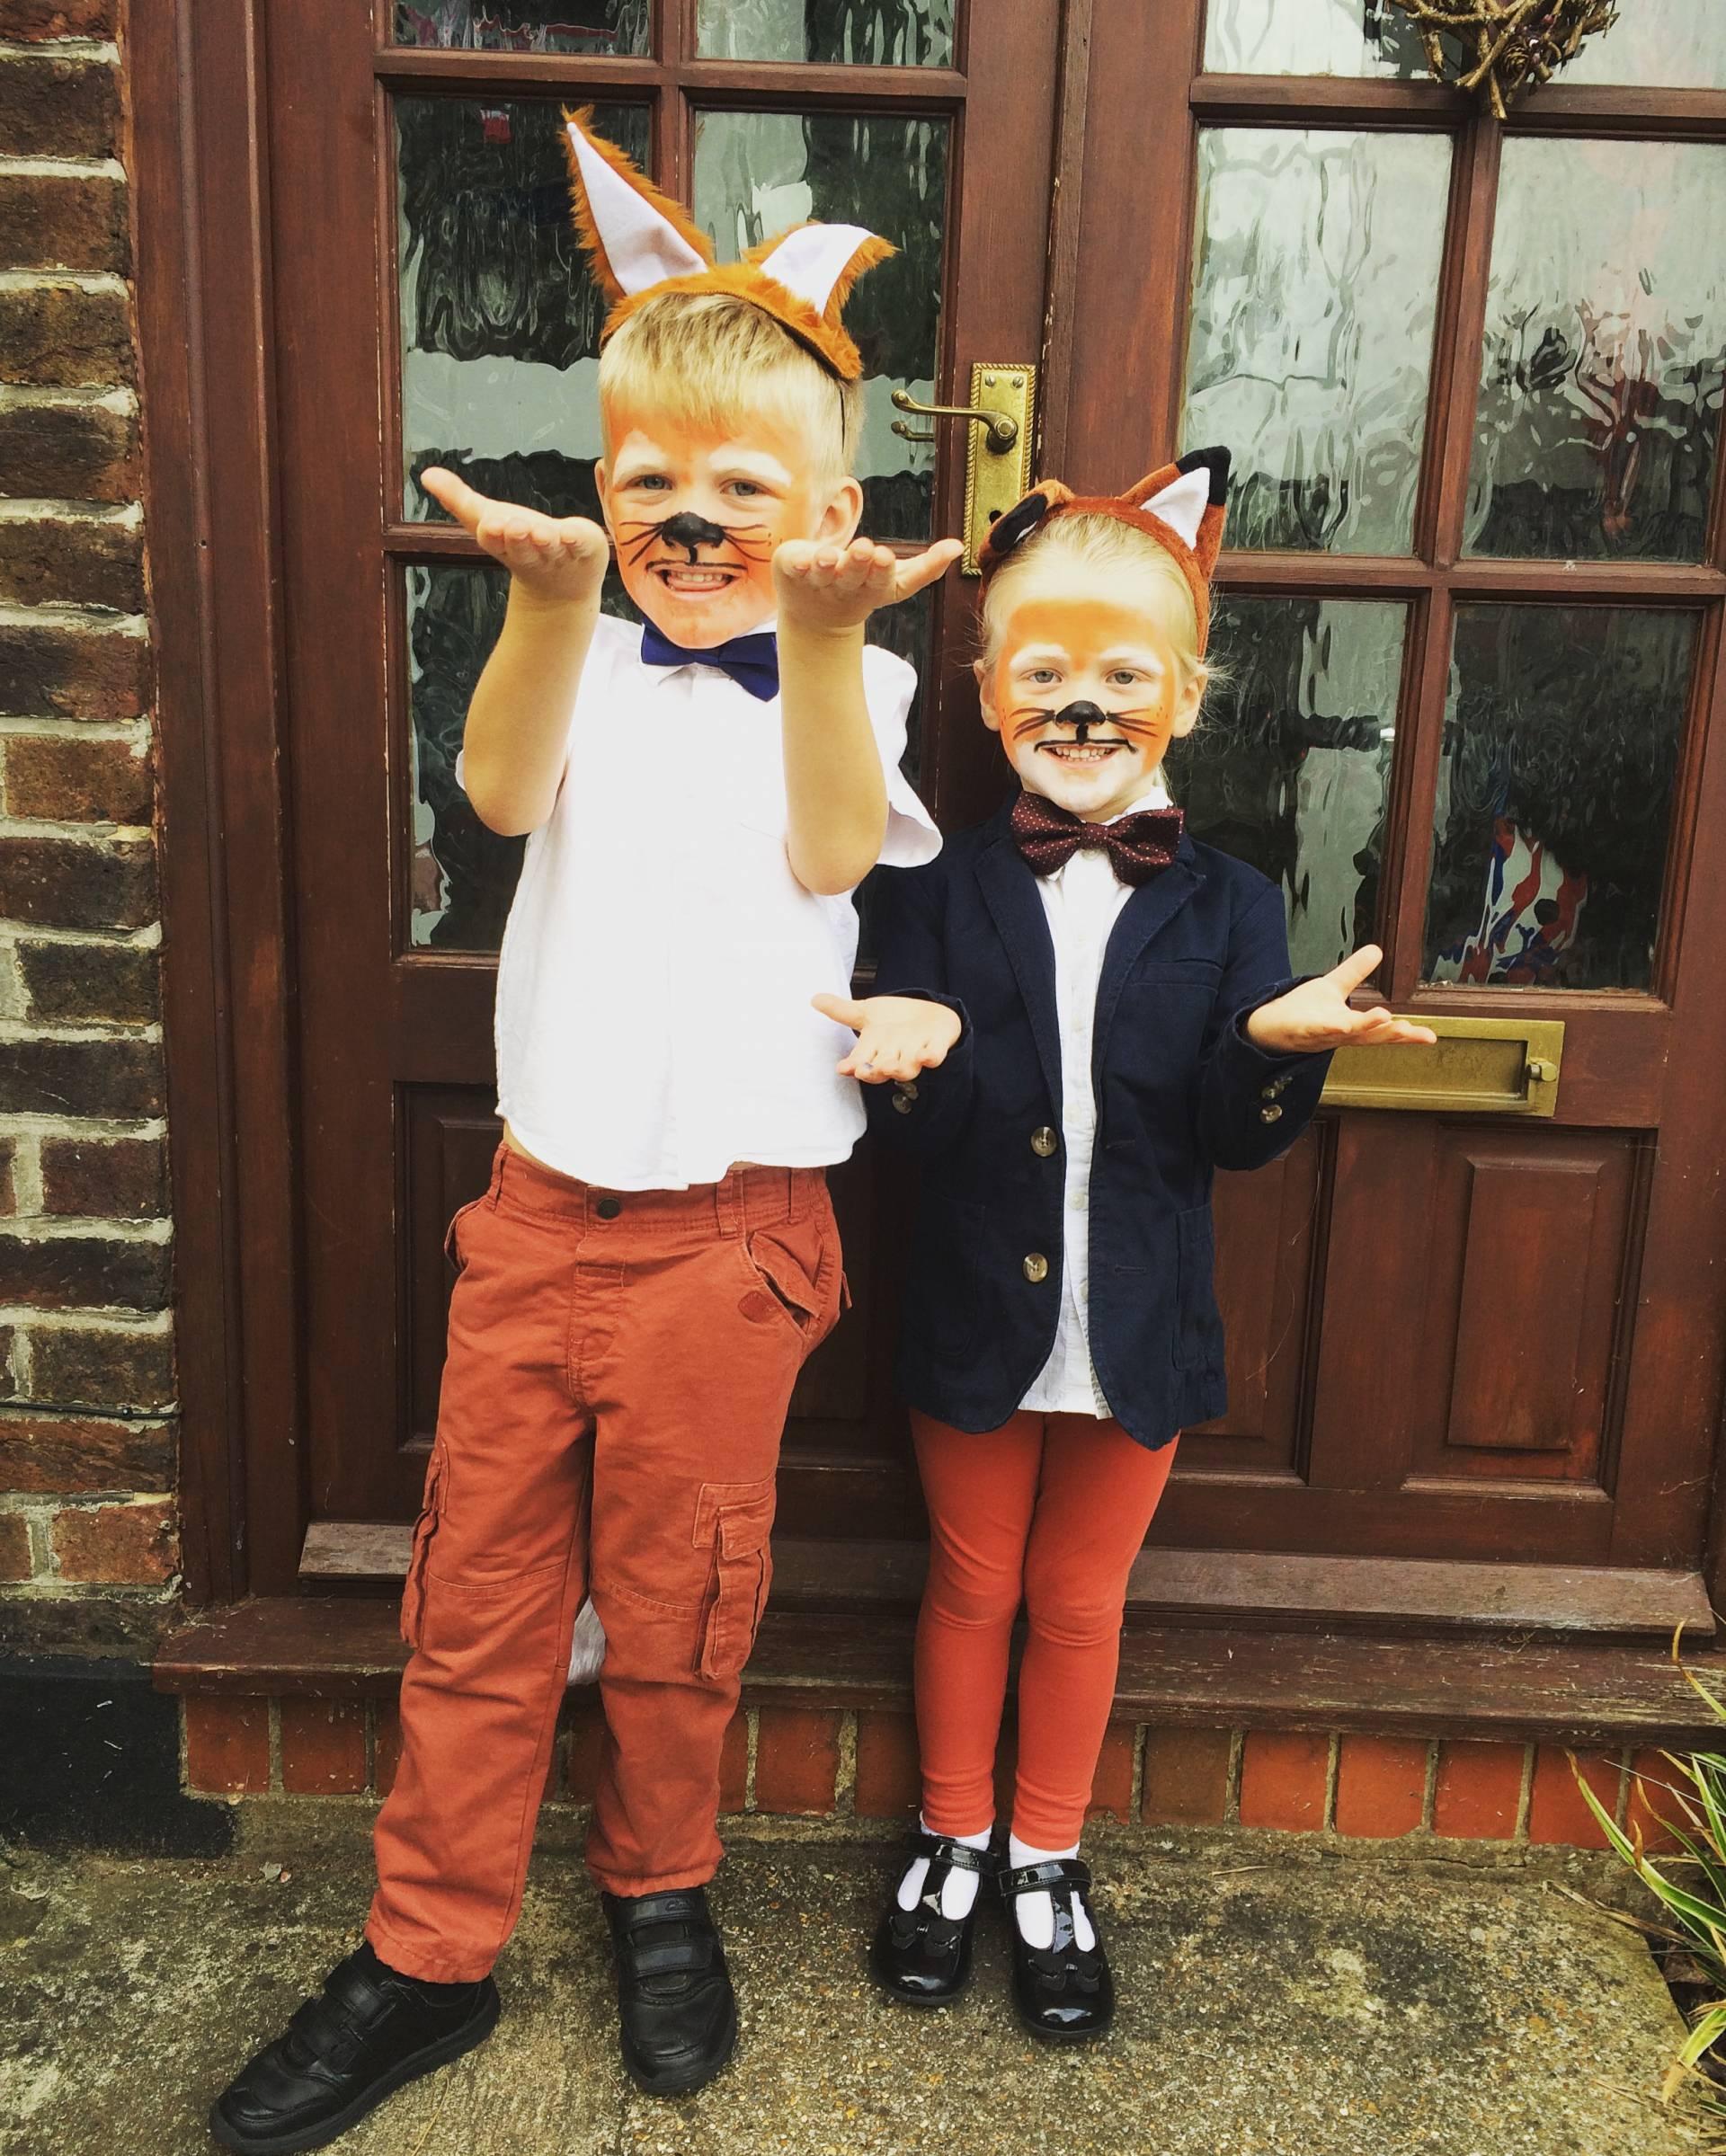 My Siblings in October